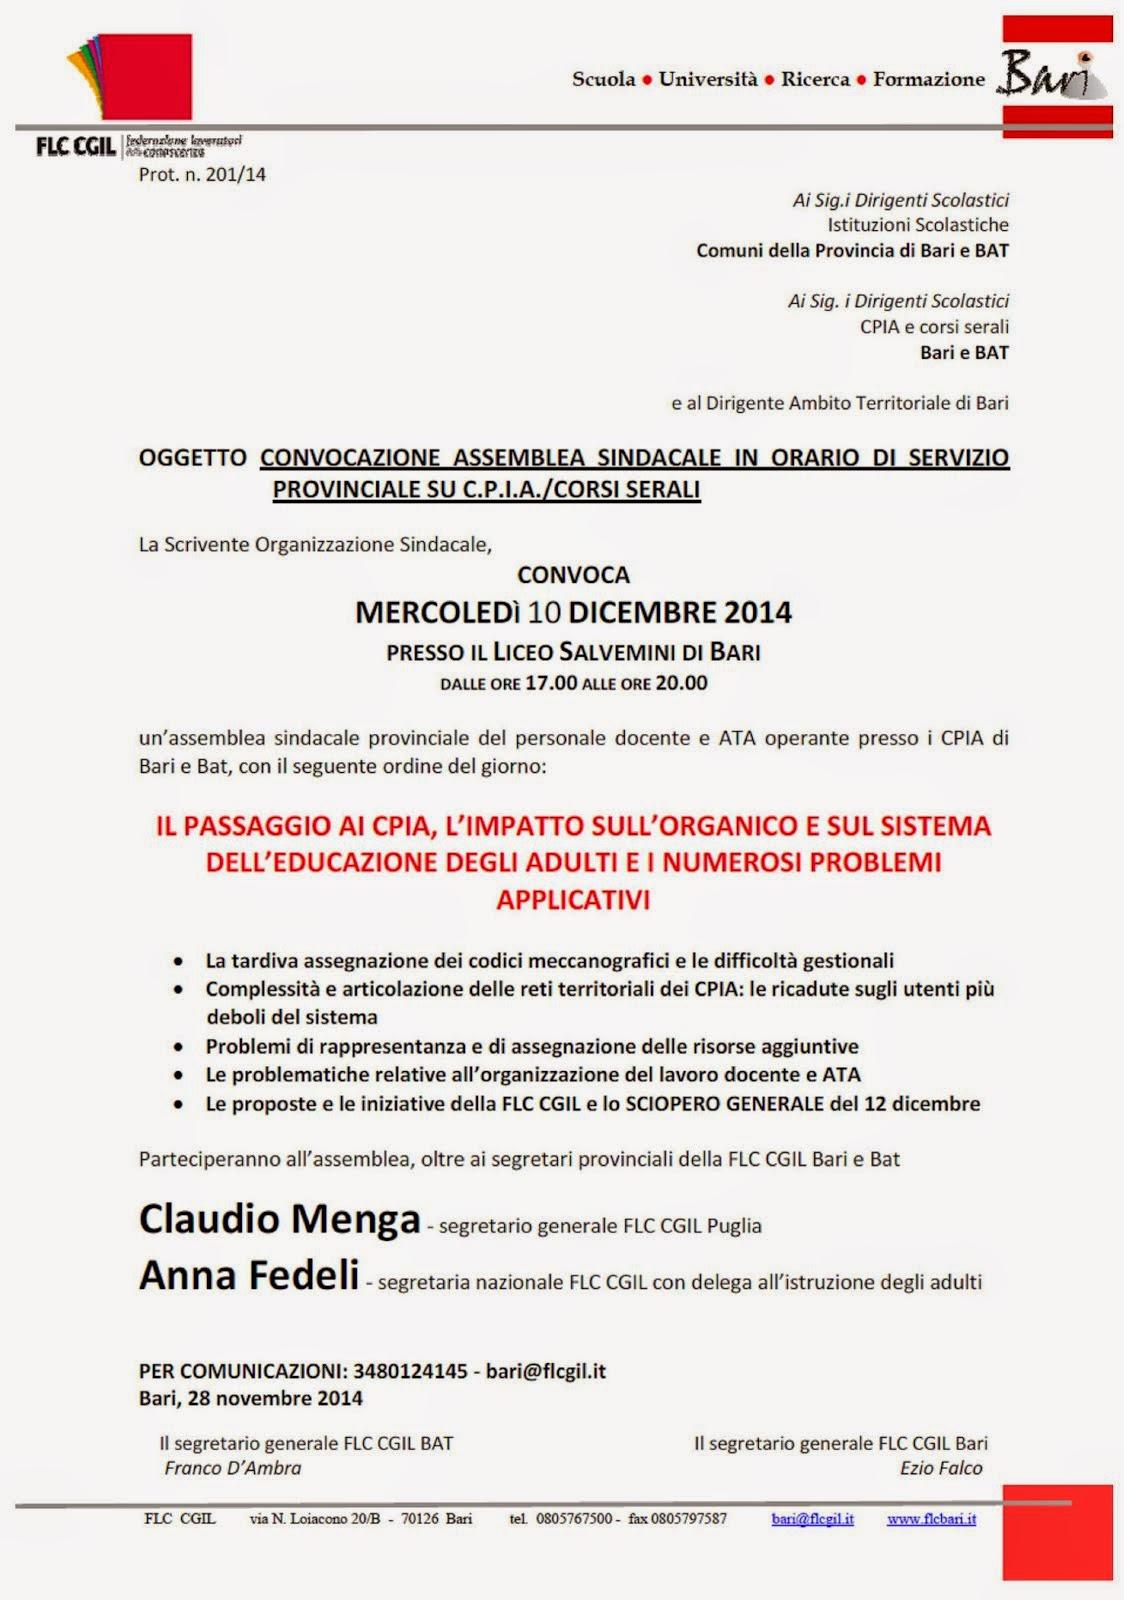 CPIA e serali: assemblea il 10 dicembre con A. Fedeli